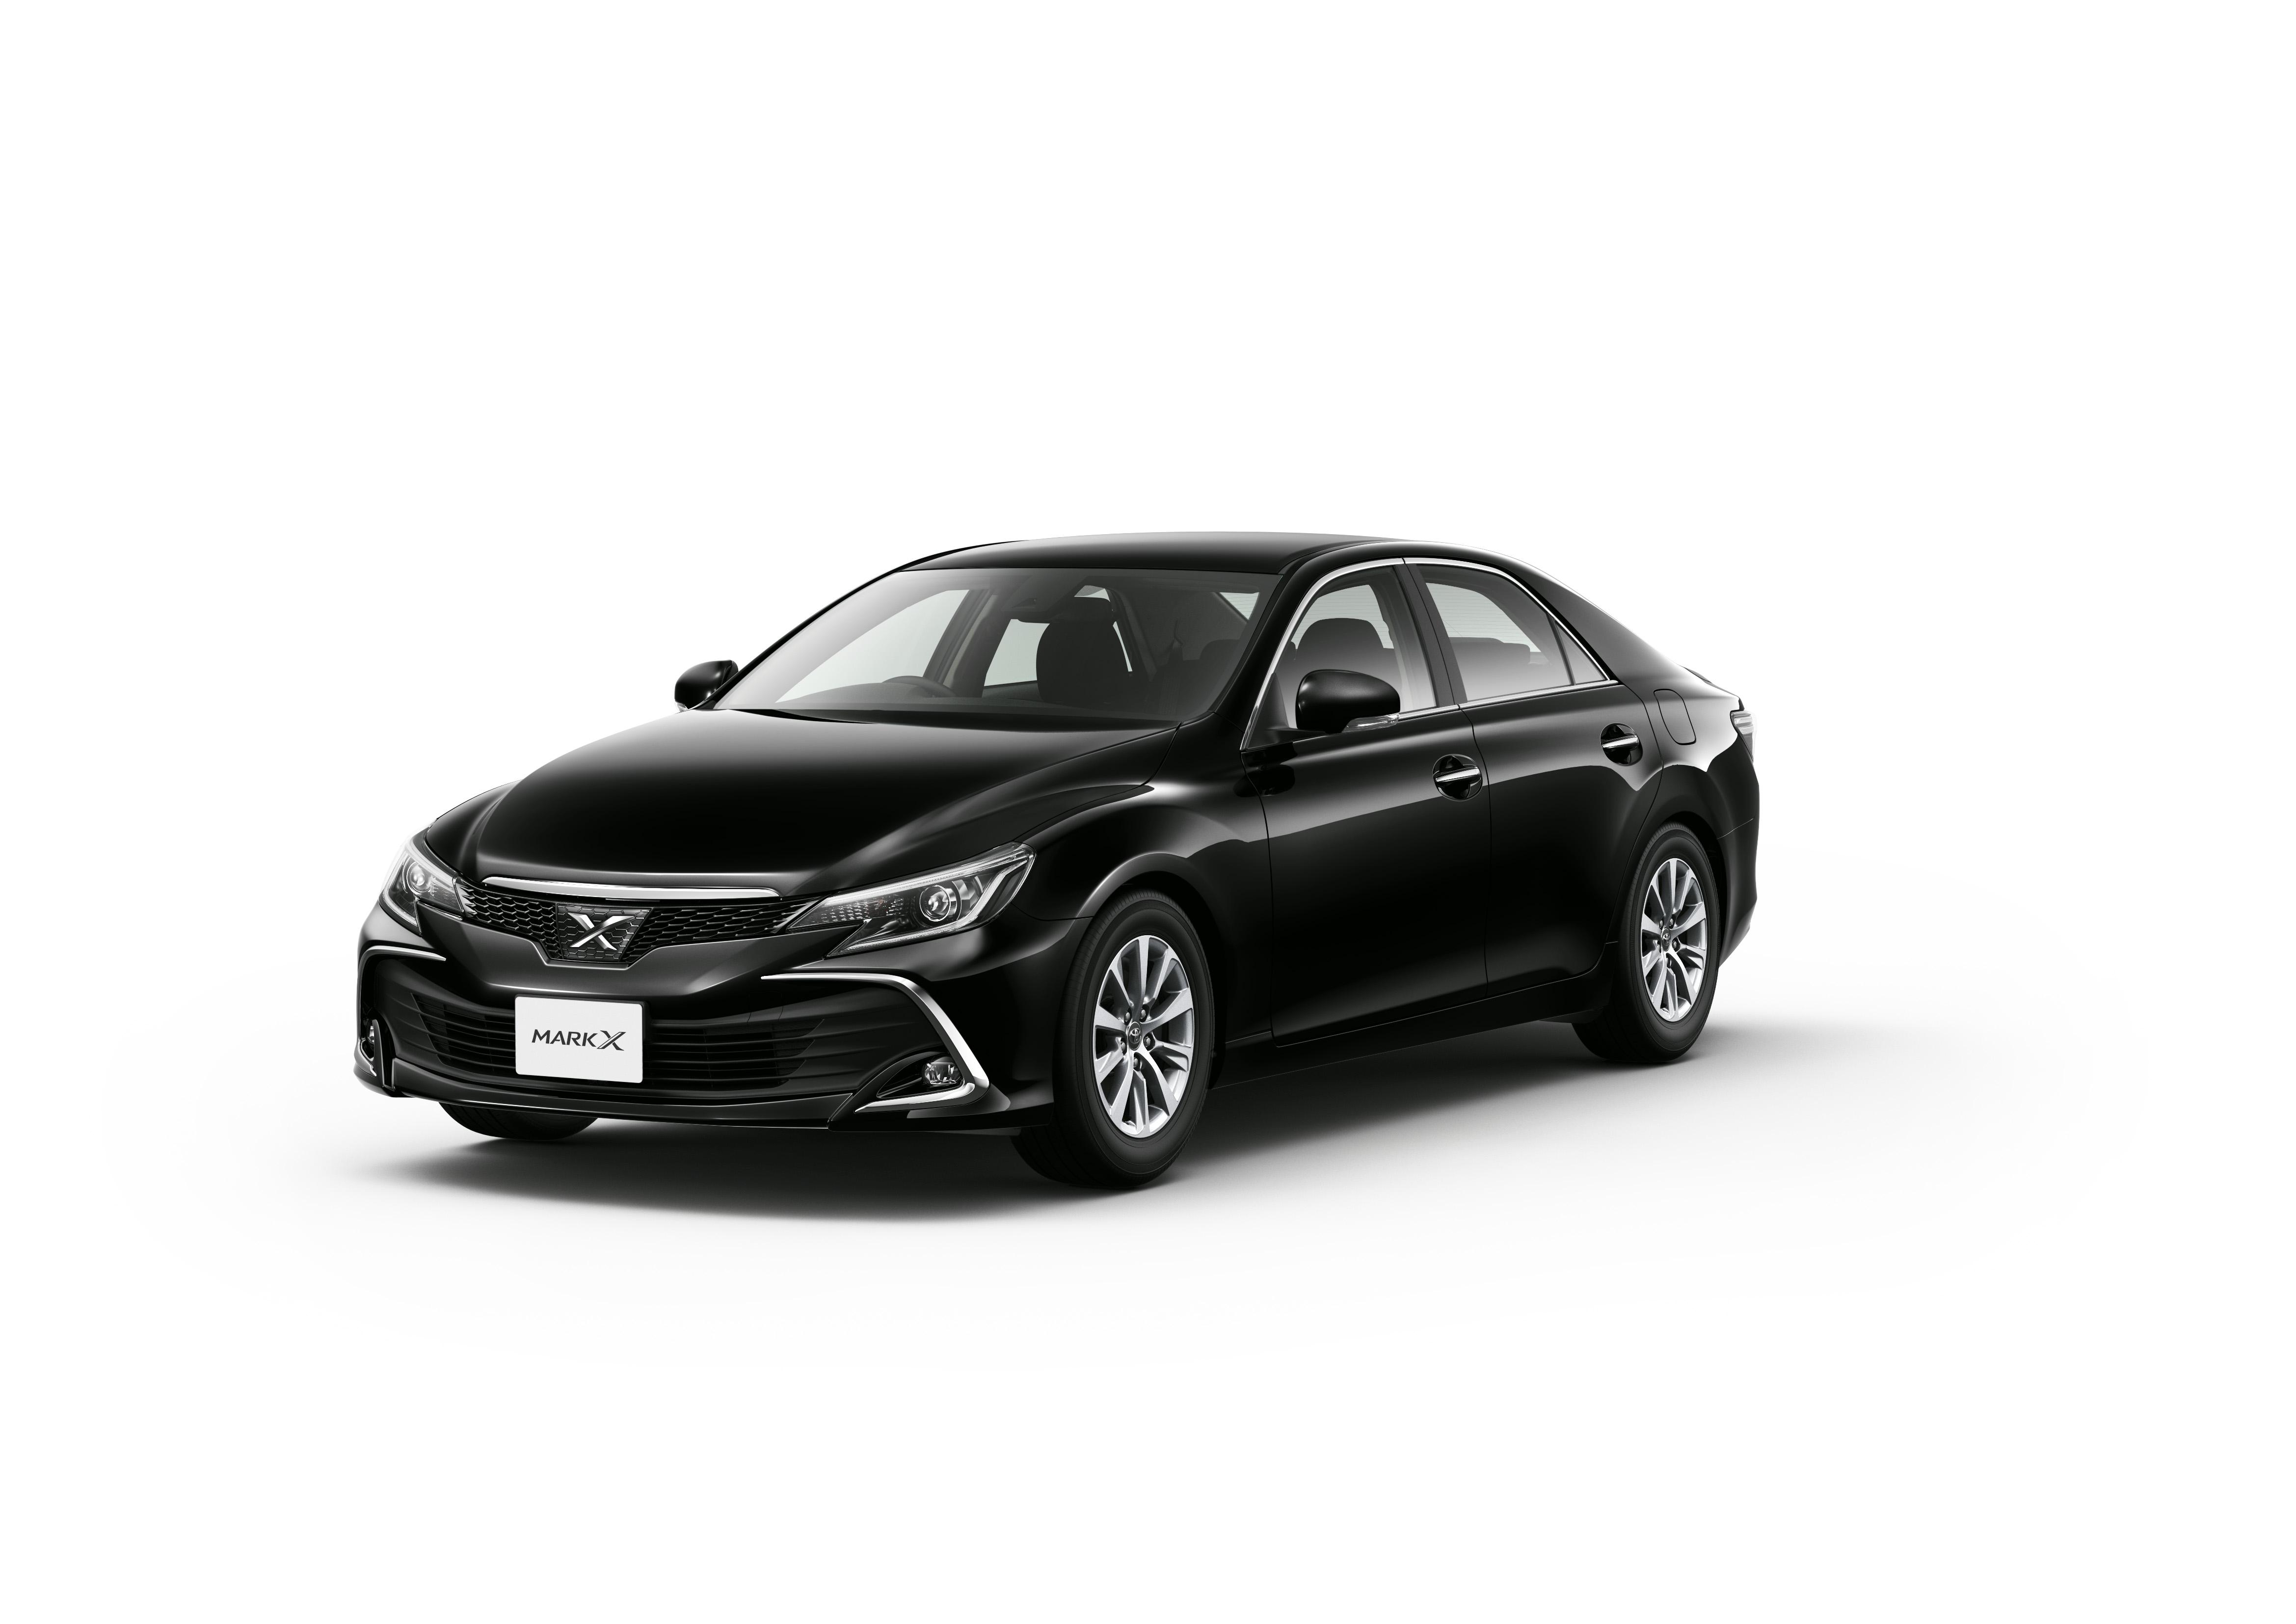 トヨタレンタカー二日市店『[九州限定]30%割引きキャンペーン(ナビ・ETC車載器標準装備)』